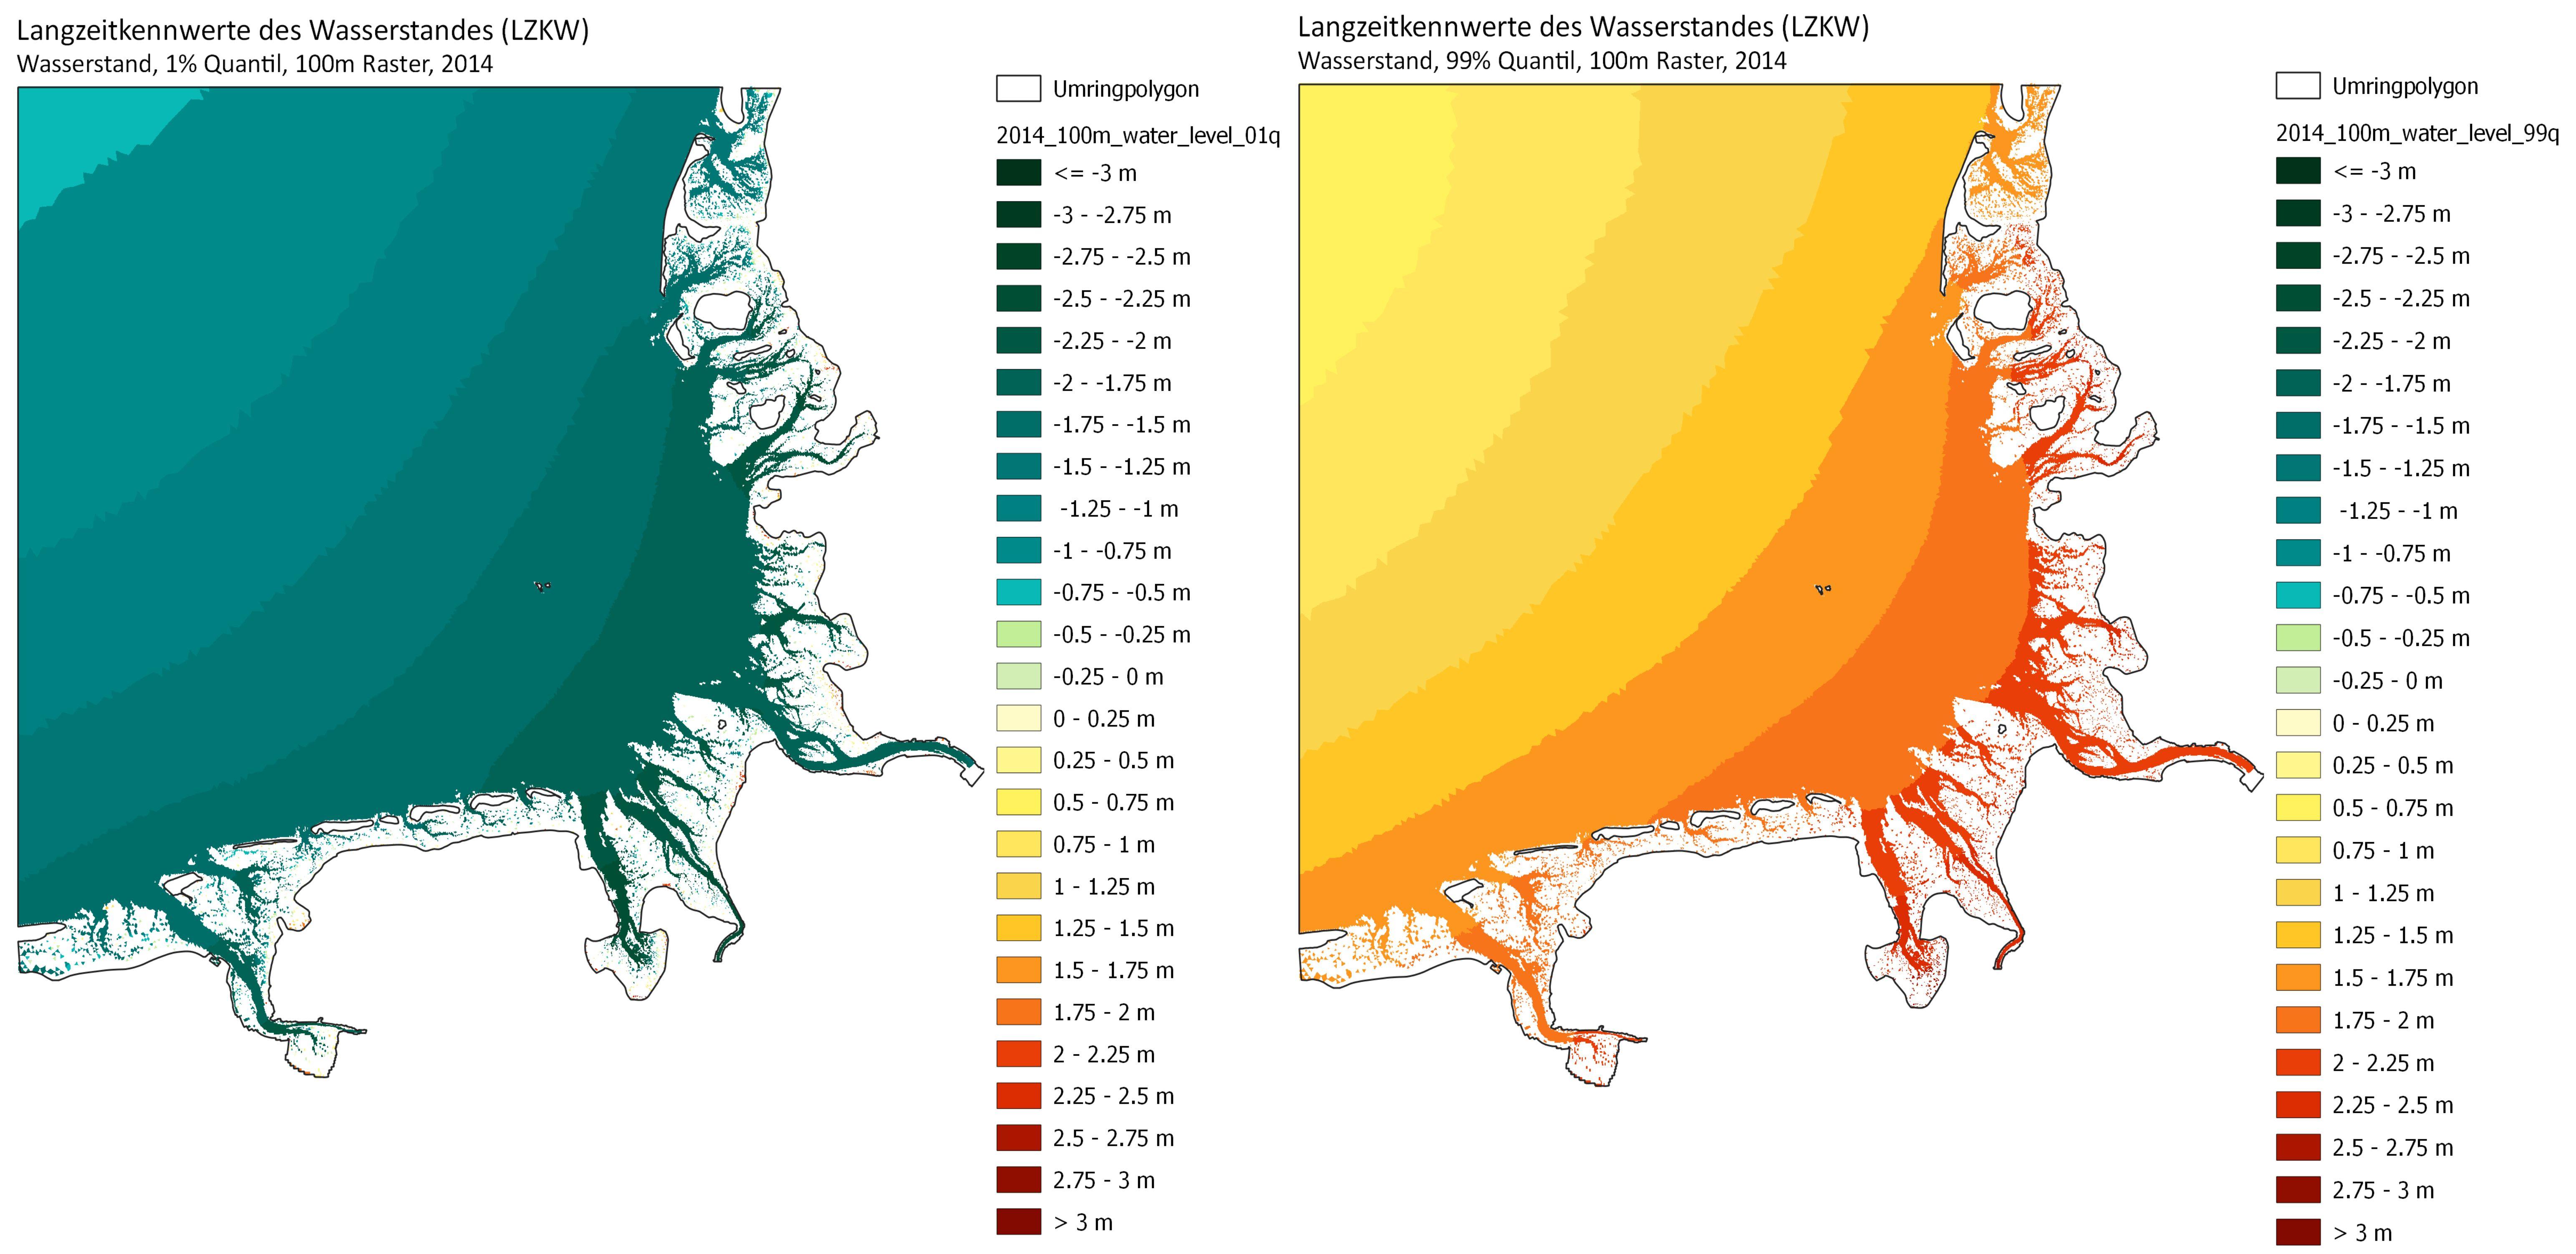 Beispiel: Die 1% und 99% Quantile des Wasserständs für das Jahr 2014